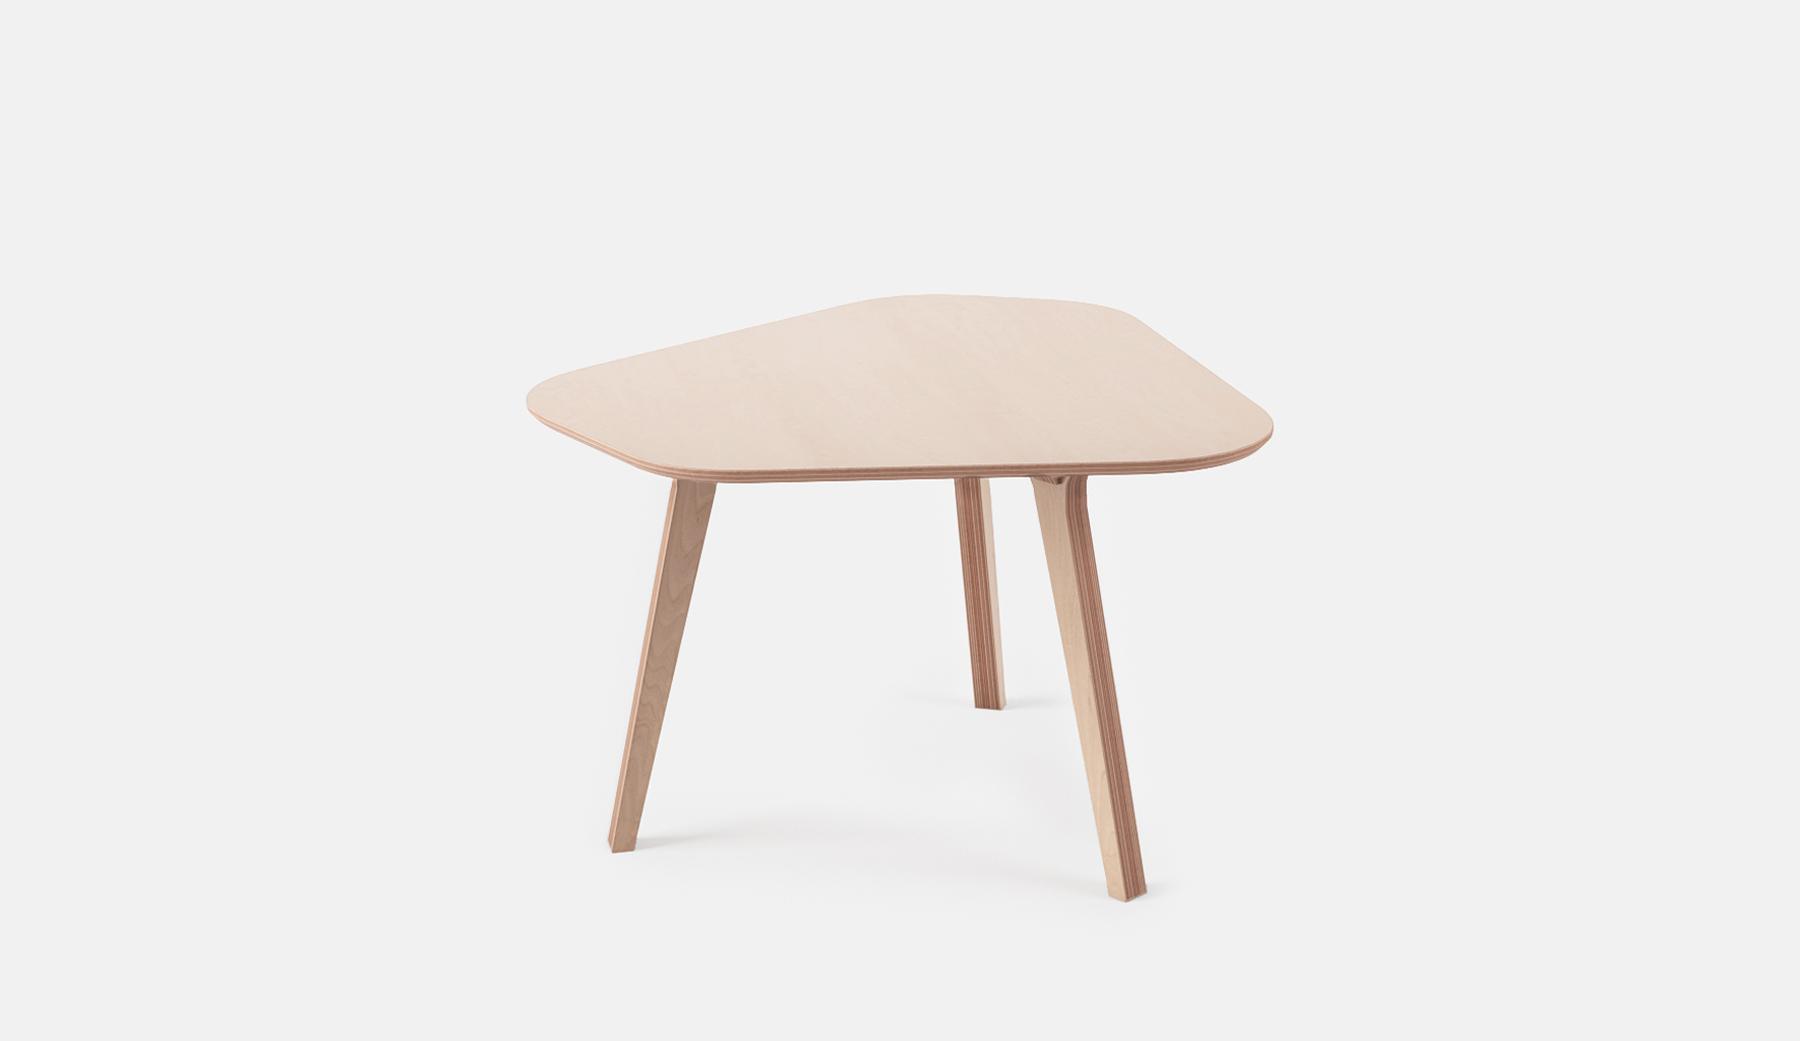 OD_cafe-table_design-listing-page_design-listing-tile_1800x1041px.jpg